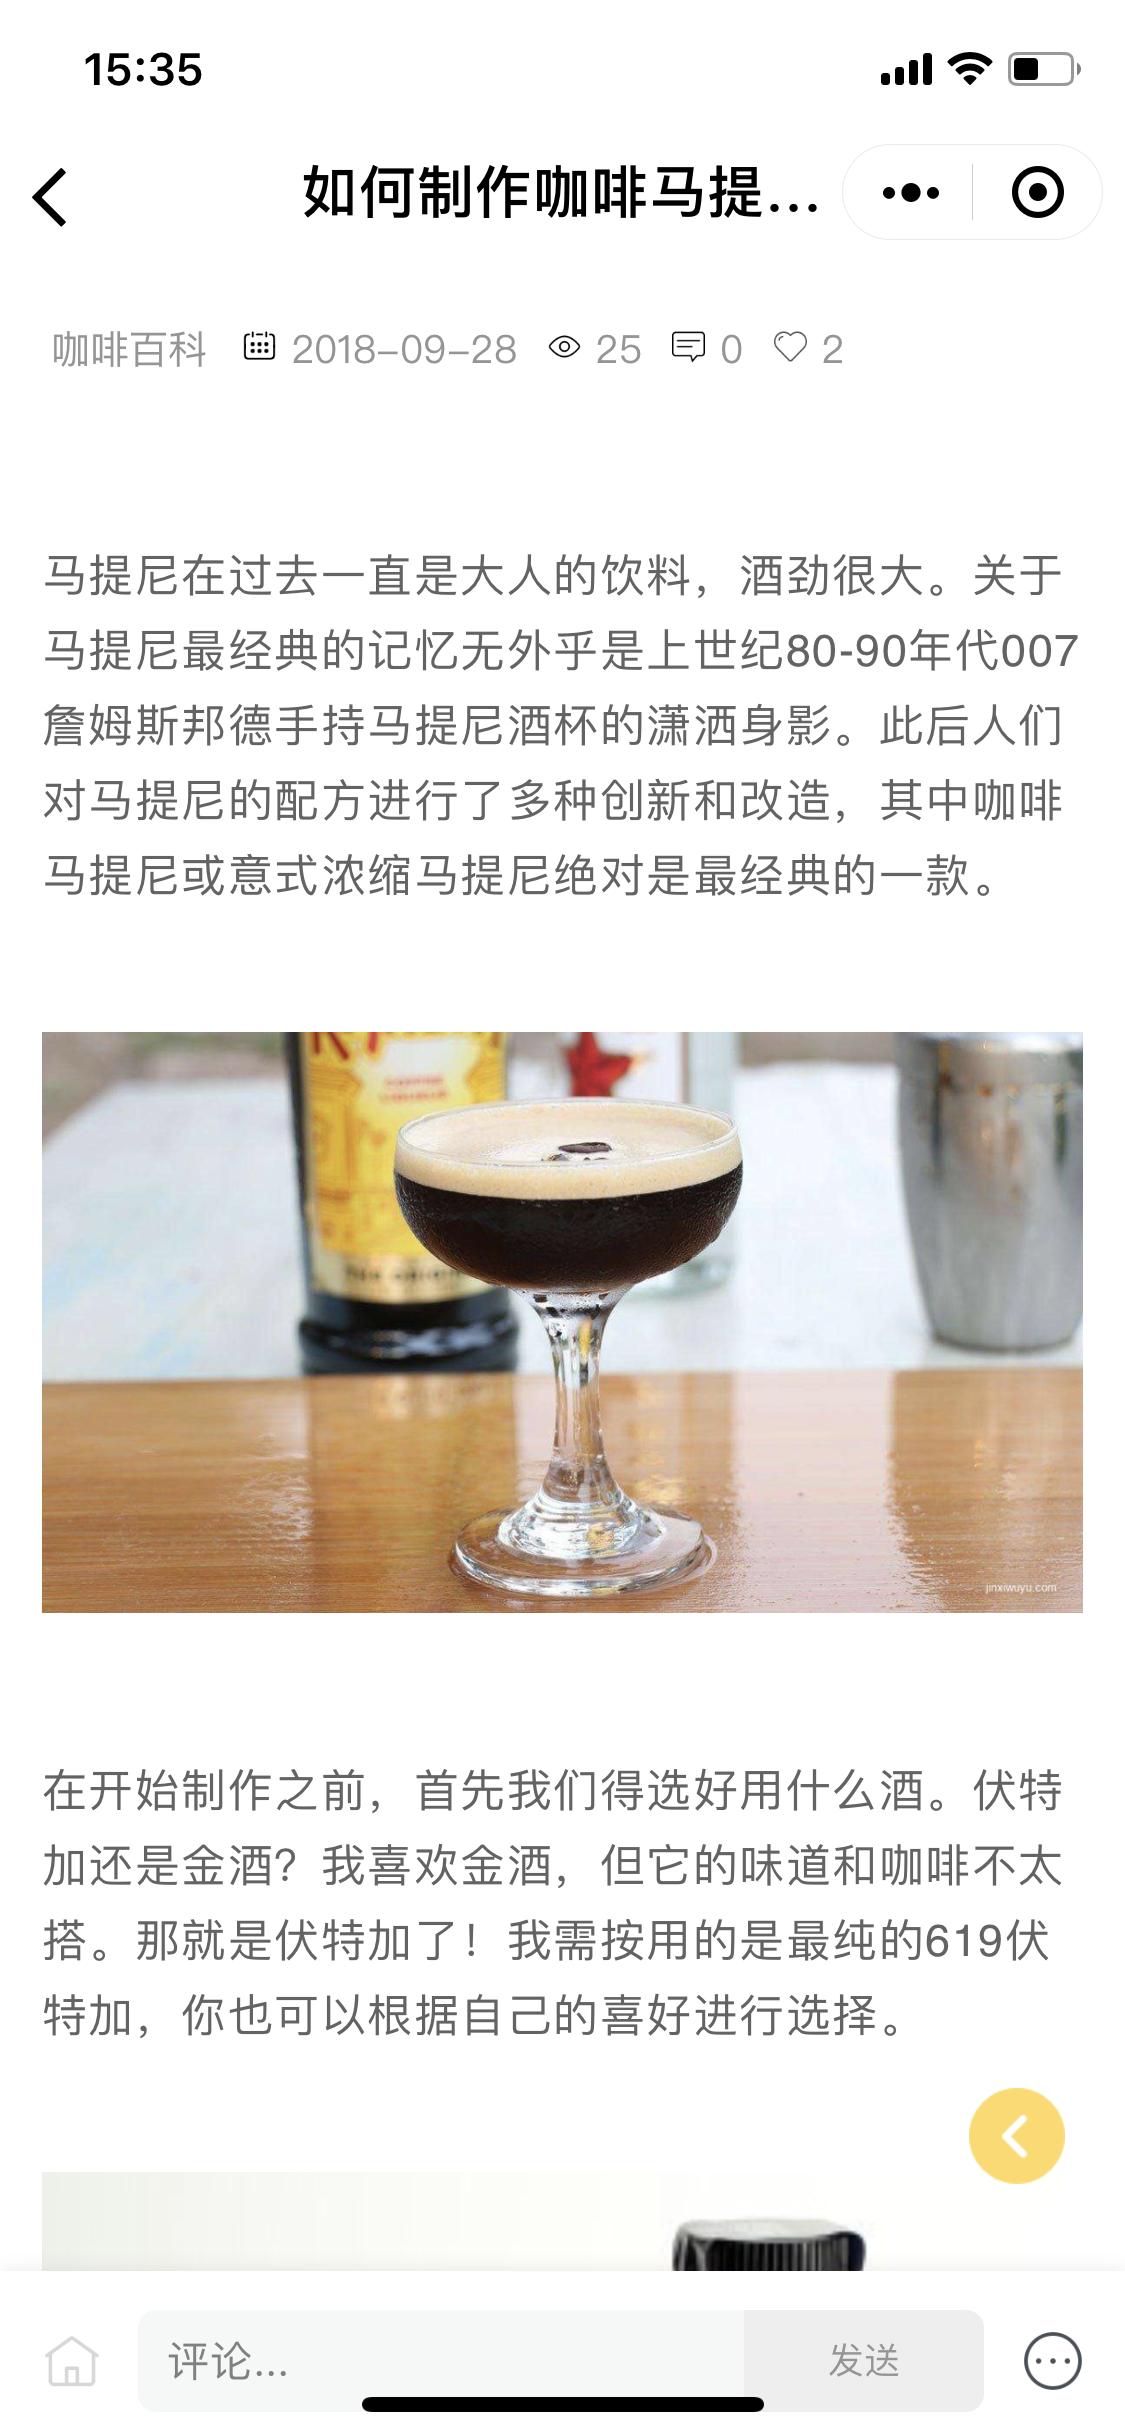 人人咖啡师